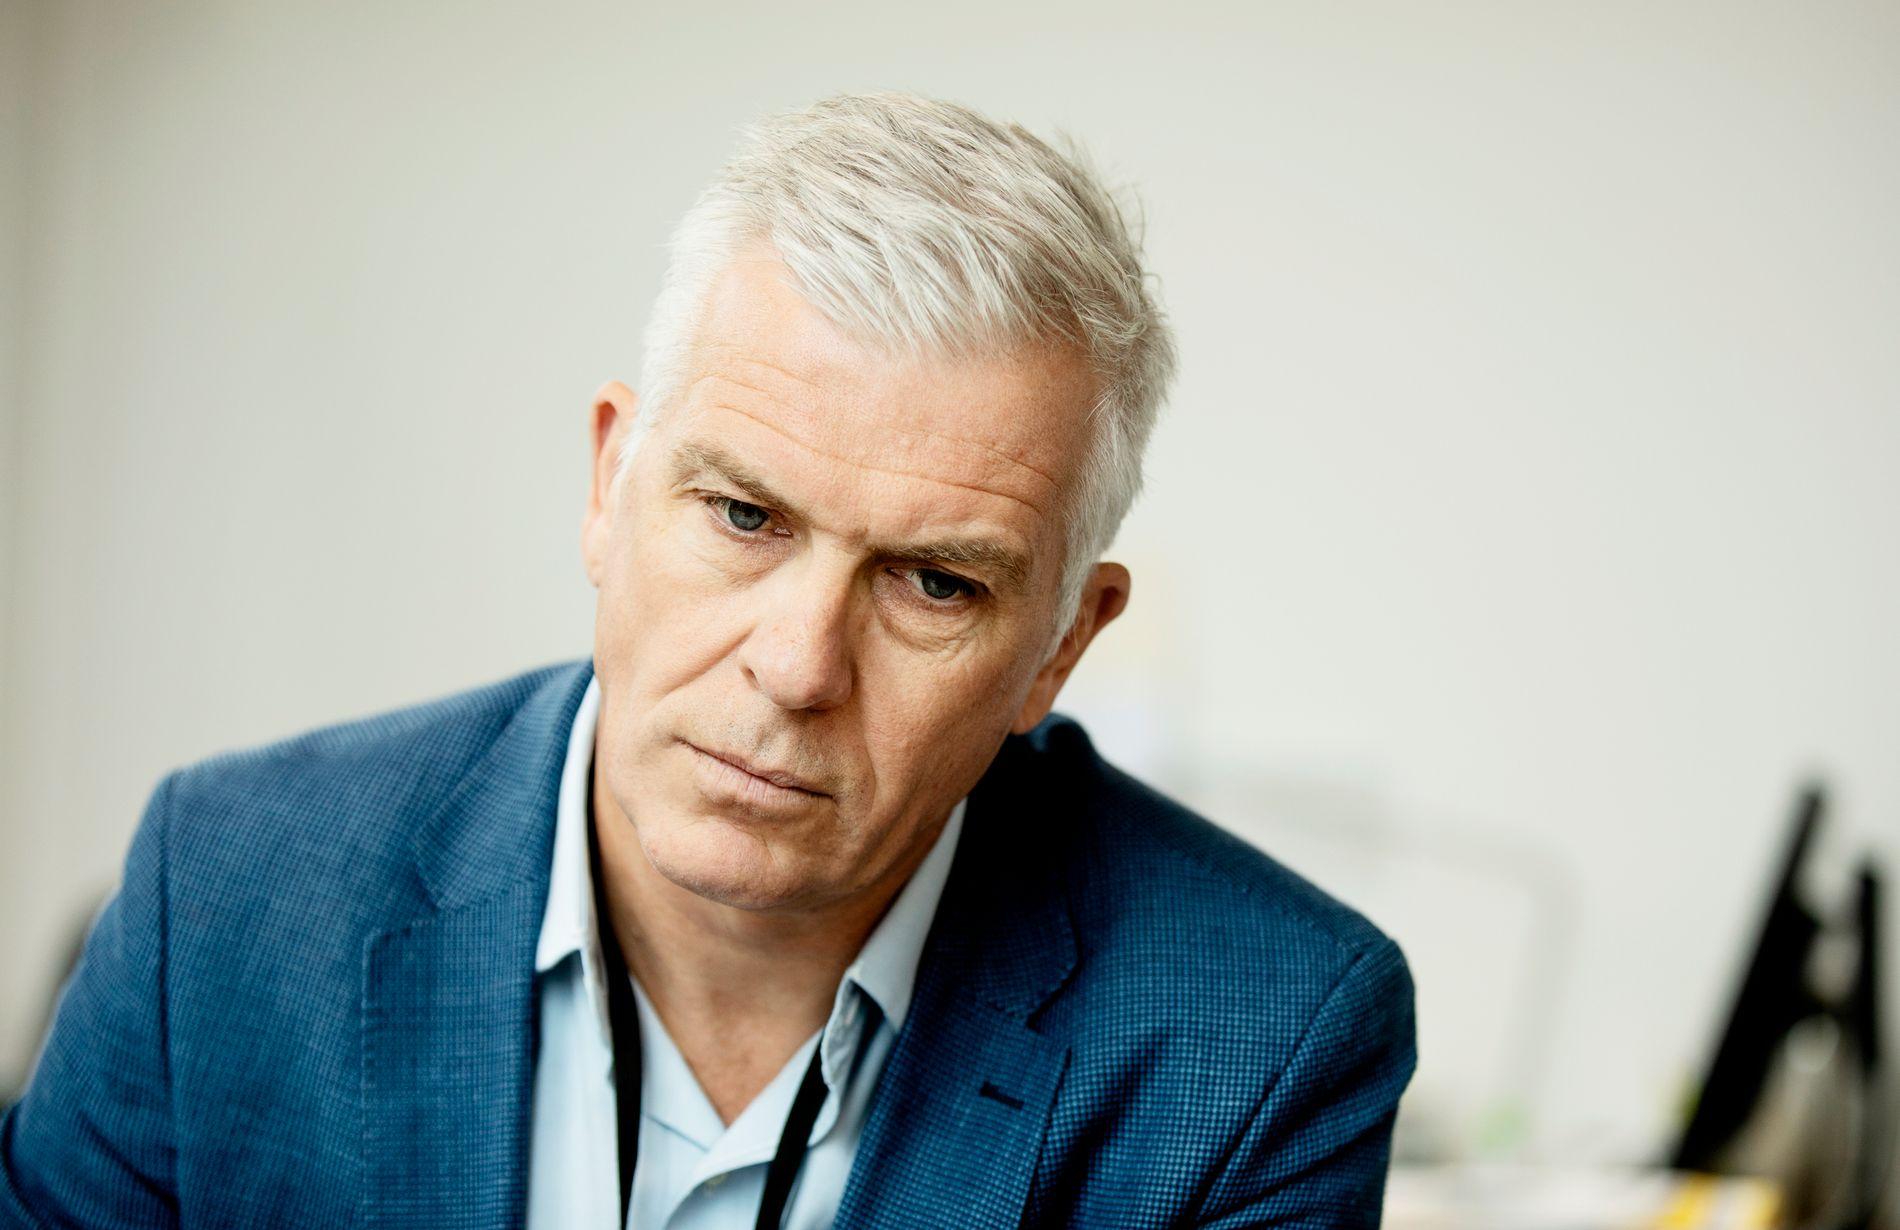 REKTOR: Rektor Jørn Mortensen ved Kunsthøgskolen var preget av alvoret i varslingssaken der en ansatt er avskjediget og en annen har sagt opp selv - da VG møtte ham onsdag.